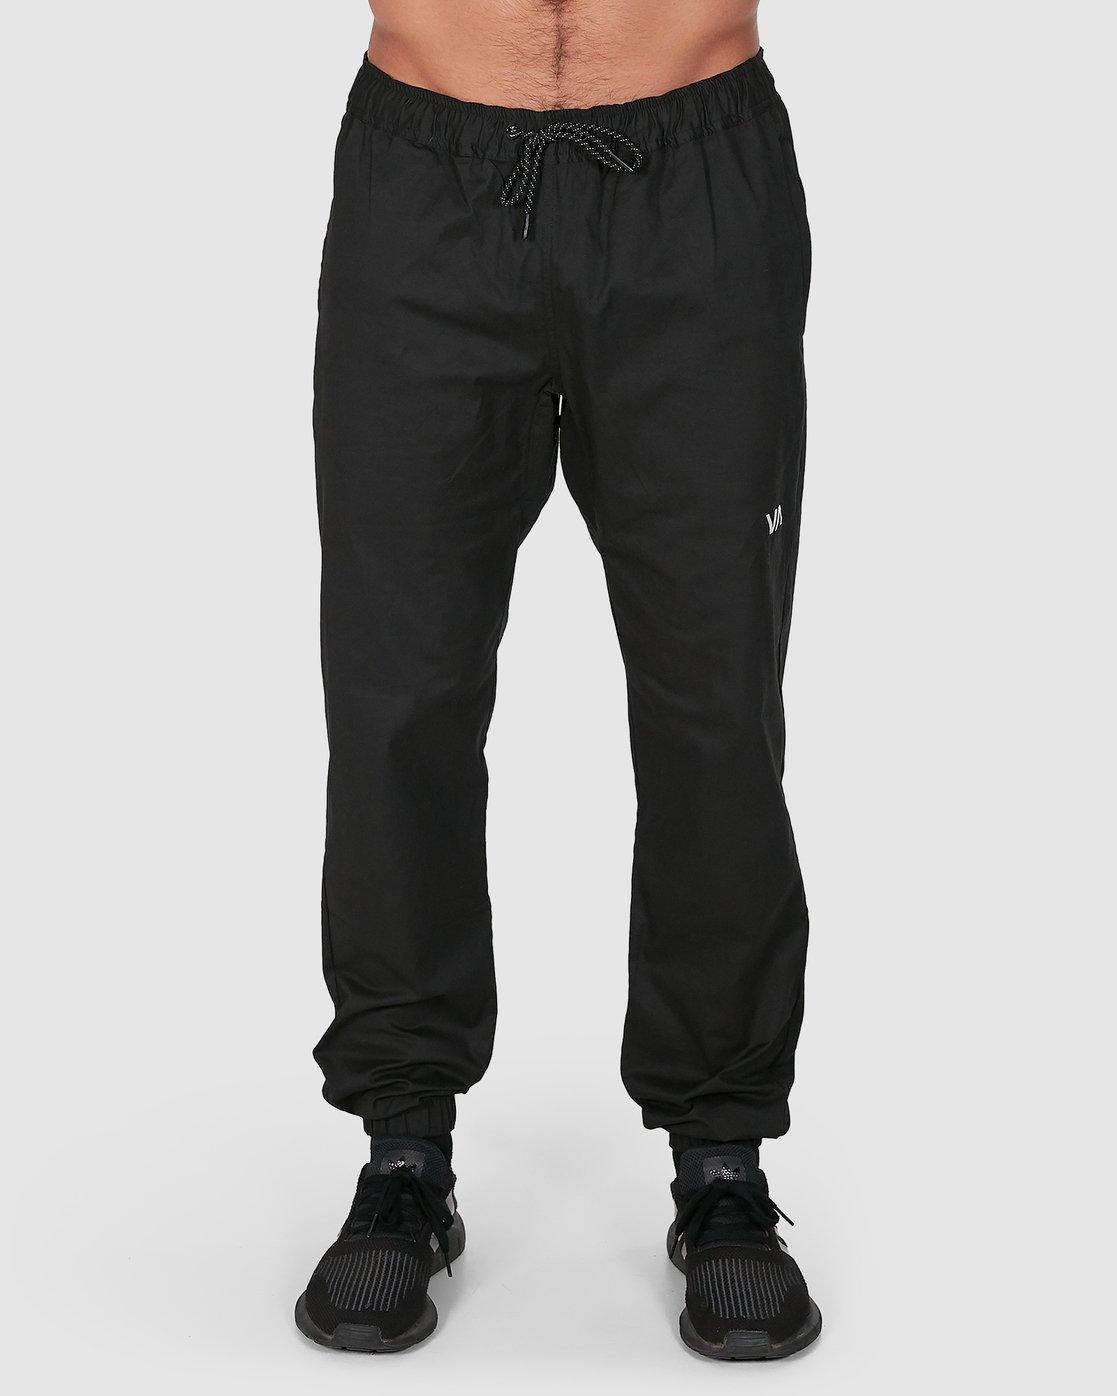 1 SPECTRUM CUFFED PANTS Black R307276 RVCA